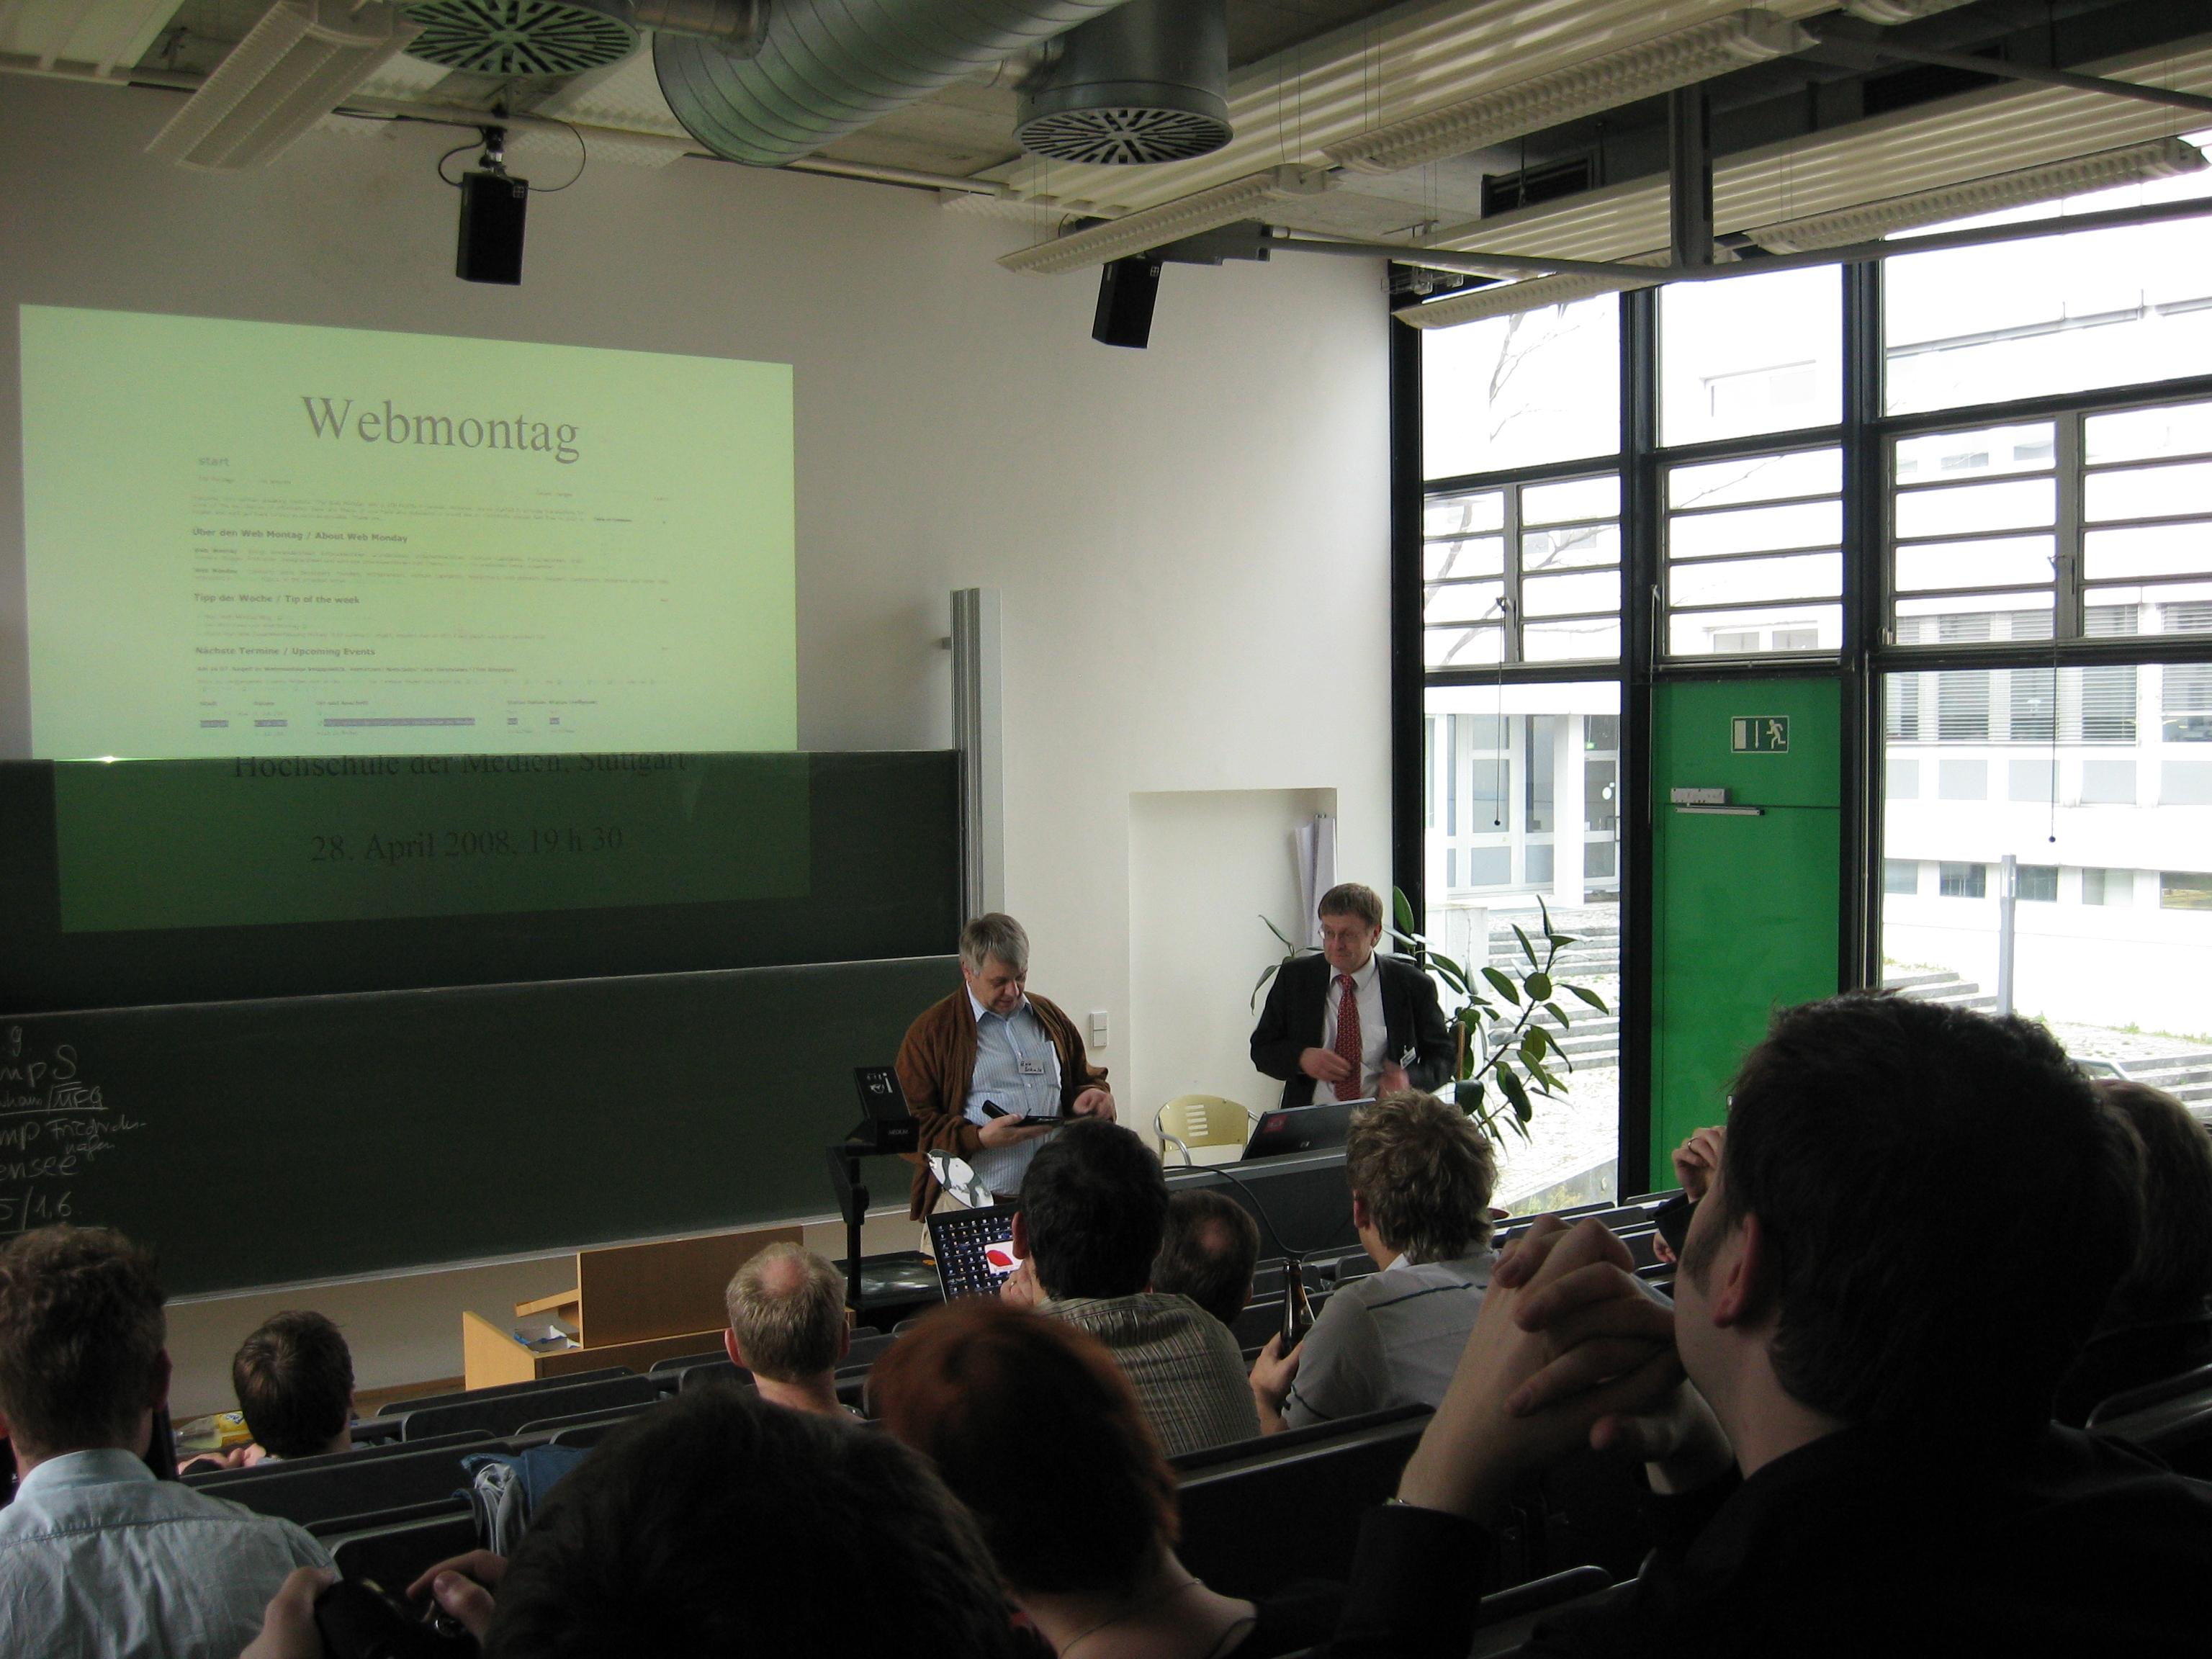 Professor Schulze, Heiner Wittman